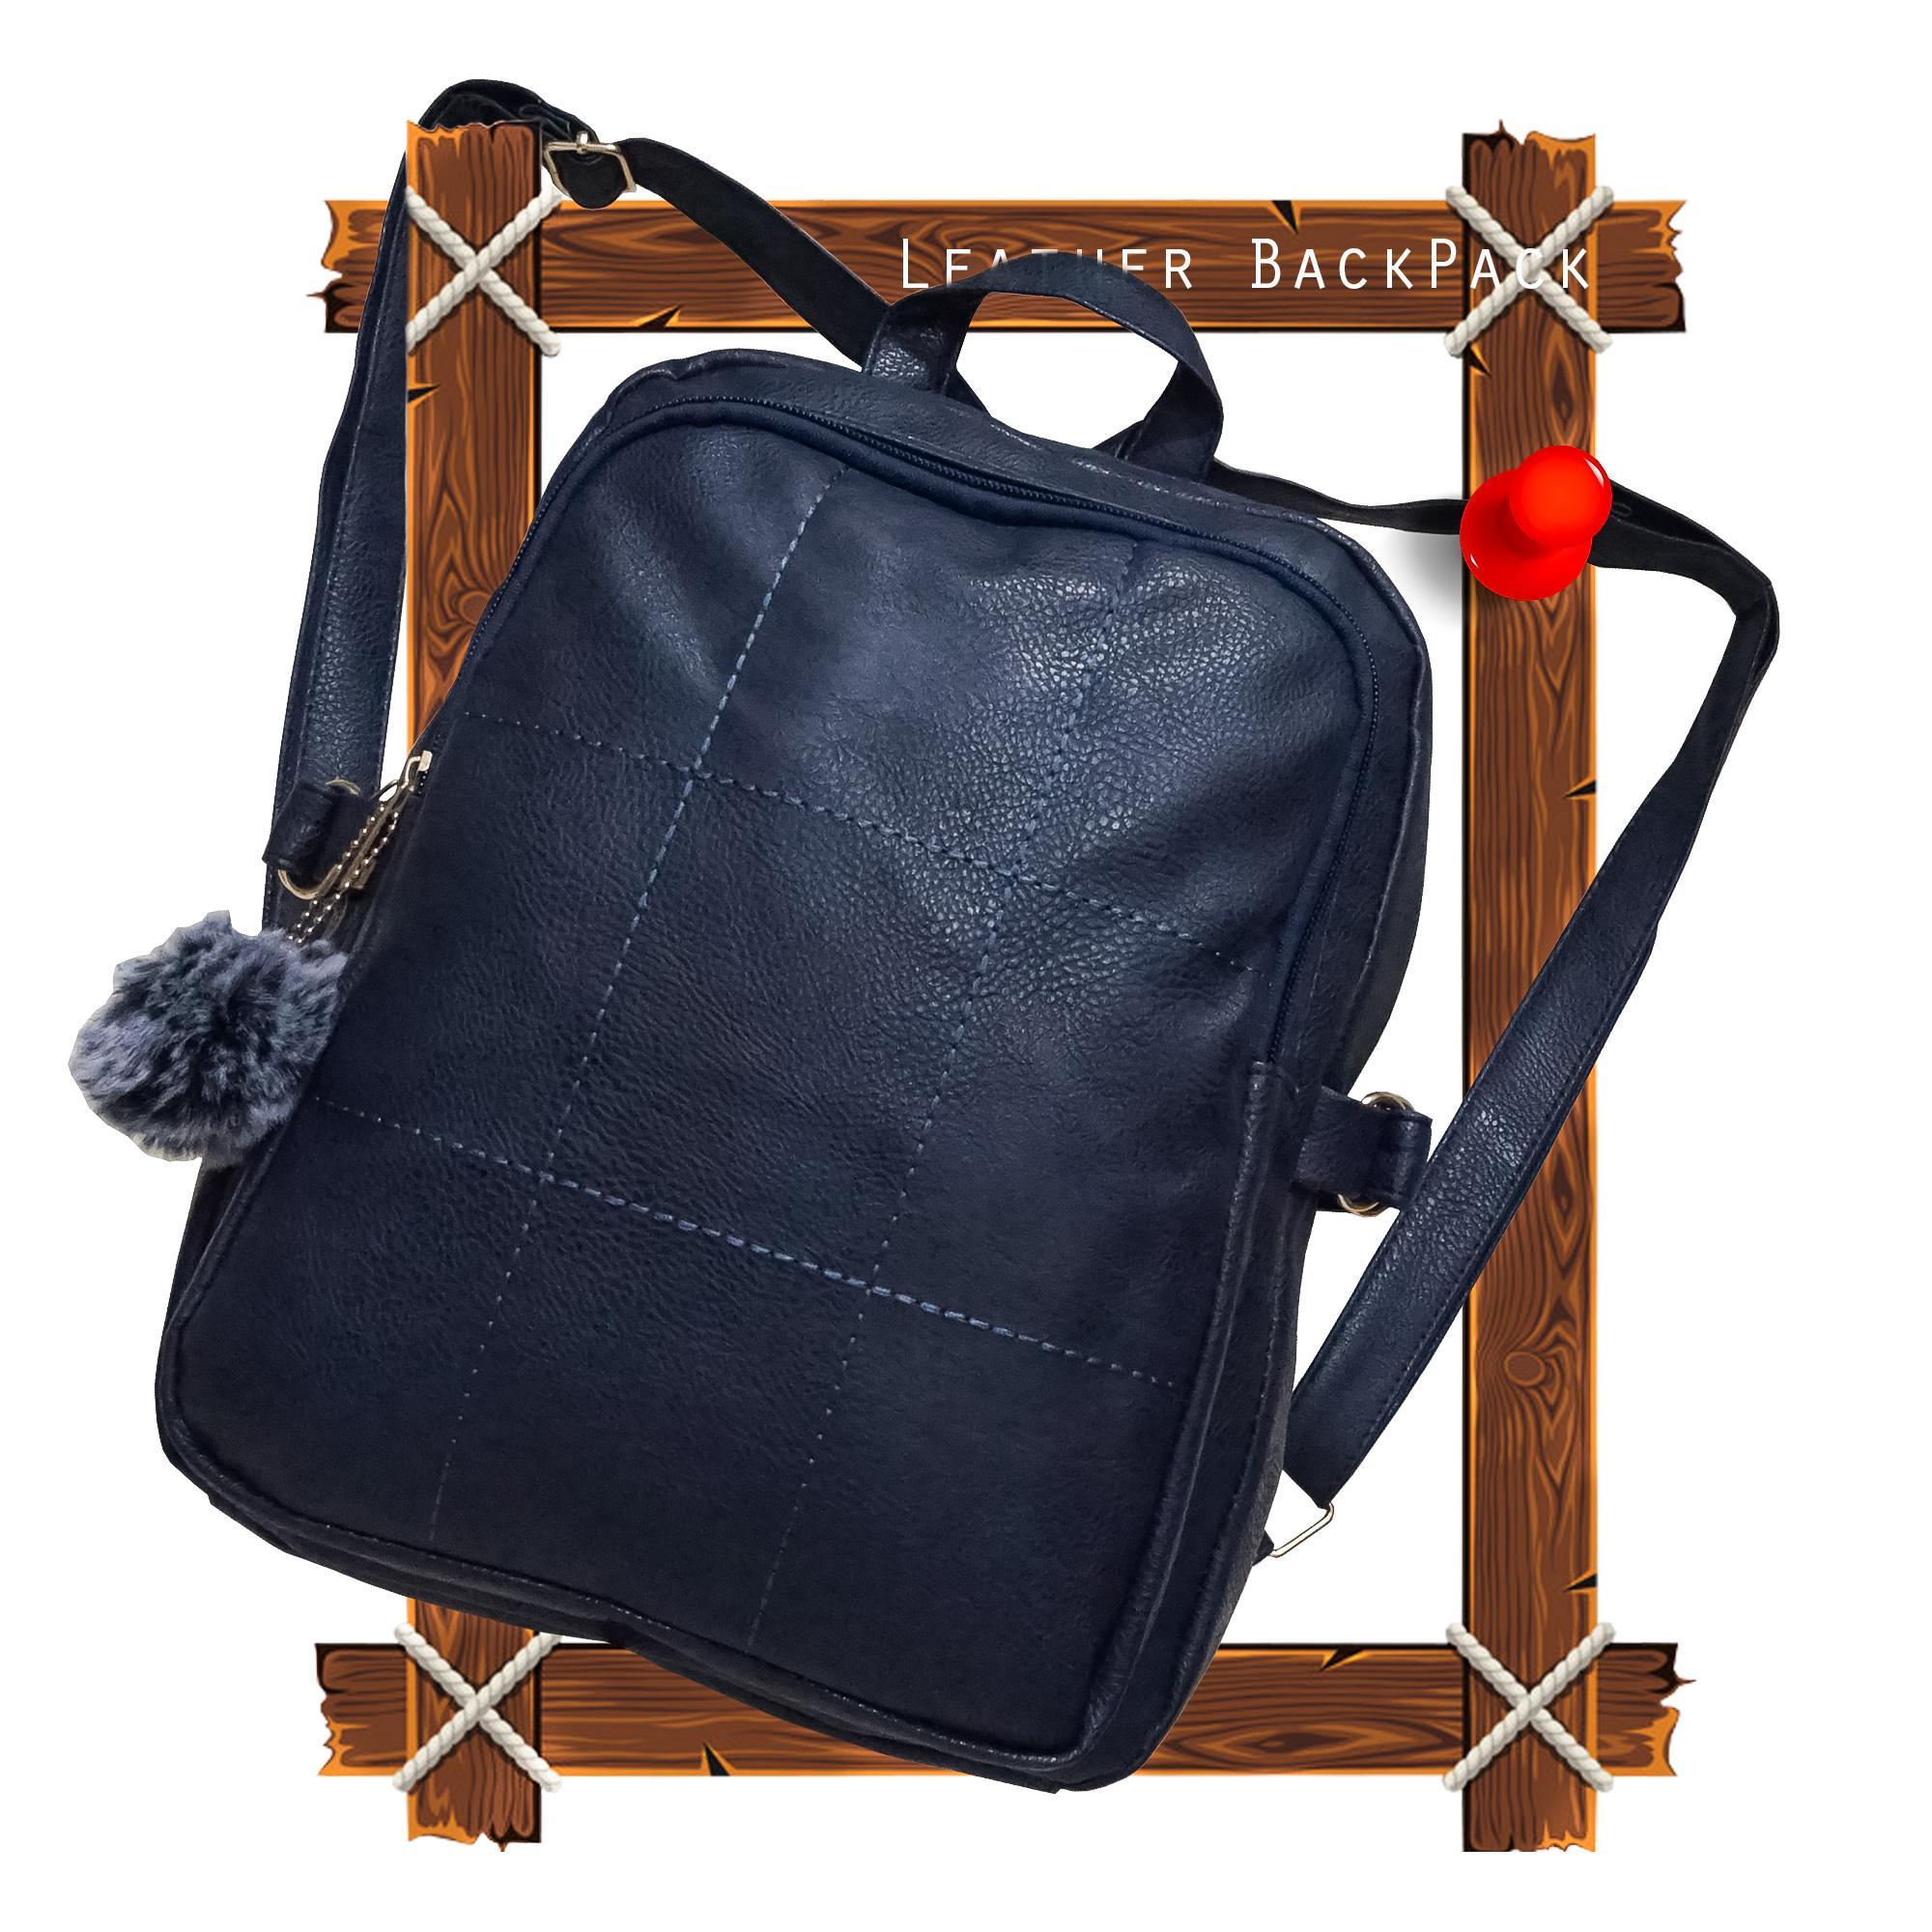 Ransel Tas Bagtas Fashin Wanitatas Importtas Sekolah Daftar Wanita Import Korea Bn0921 Backpack Travelling Kerja Kuliah